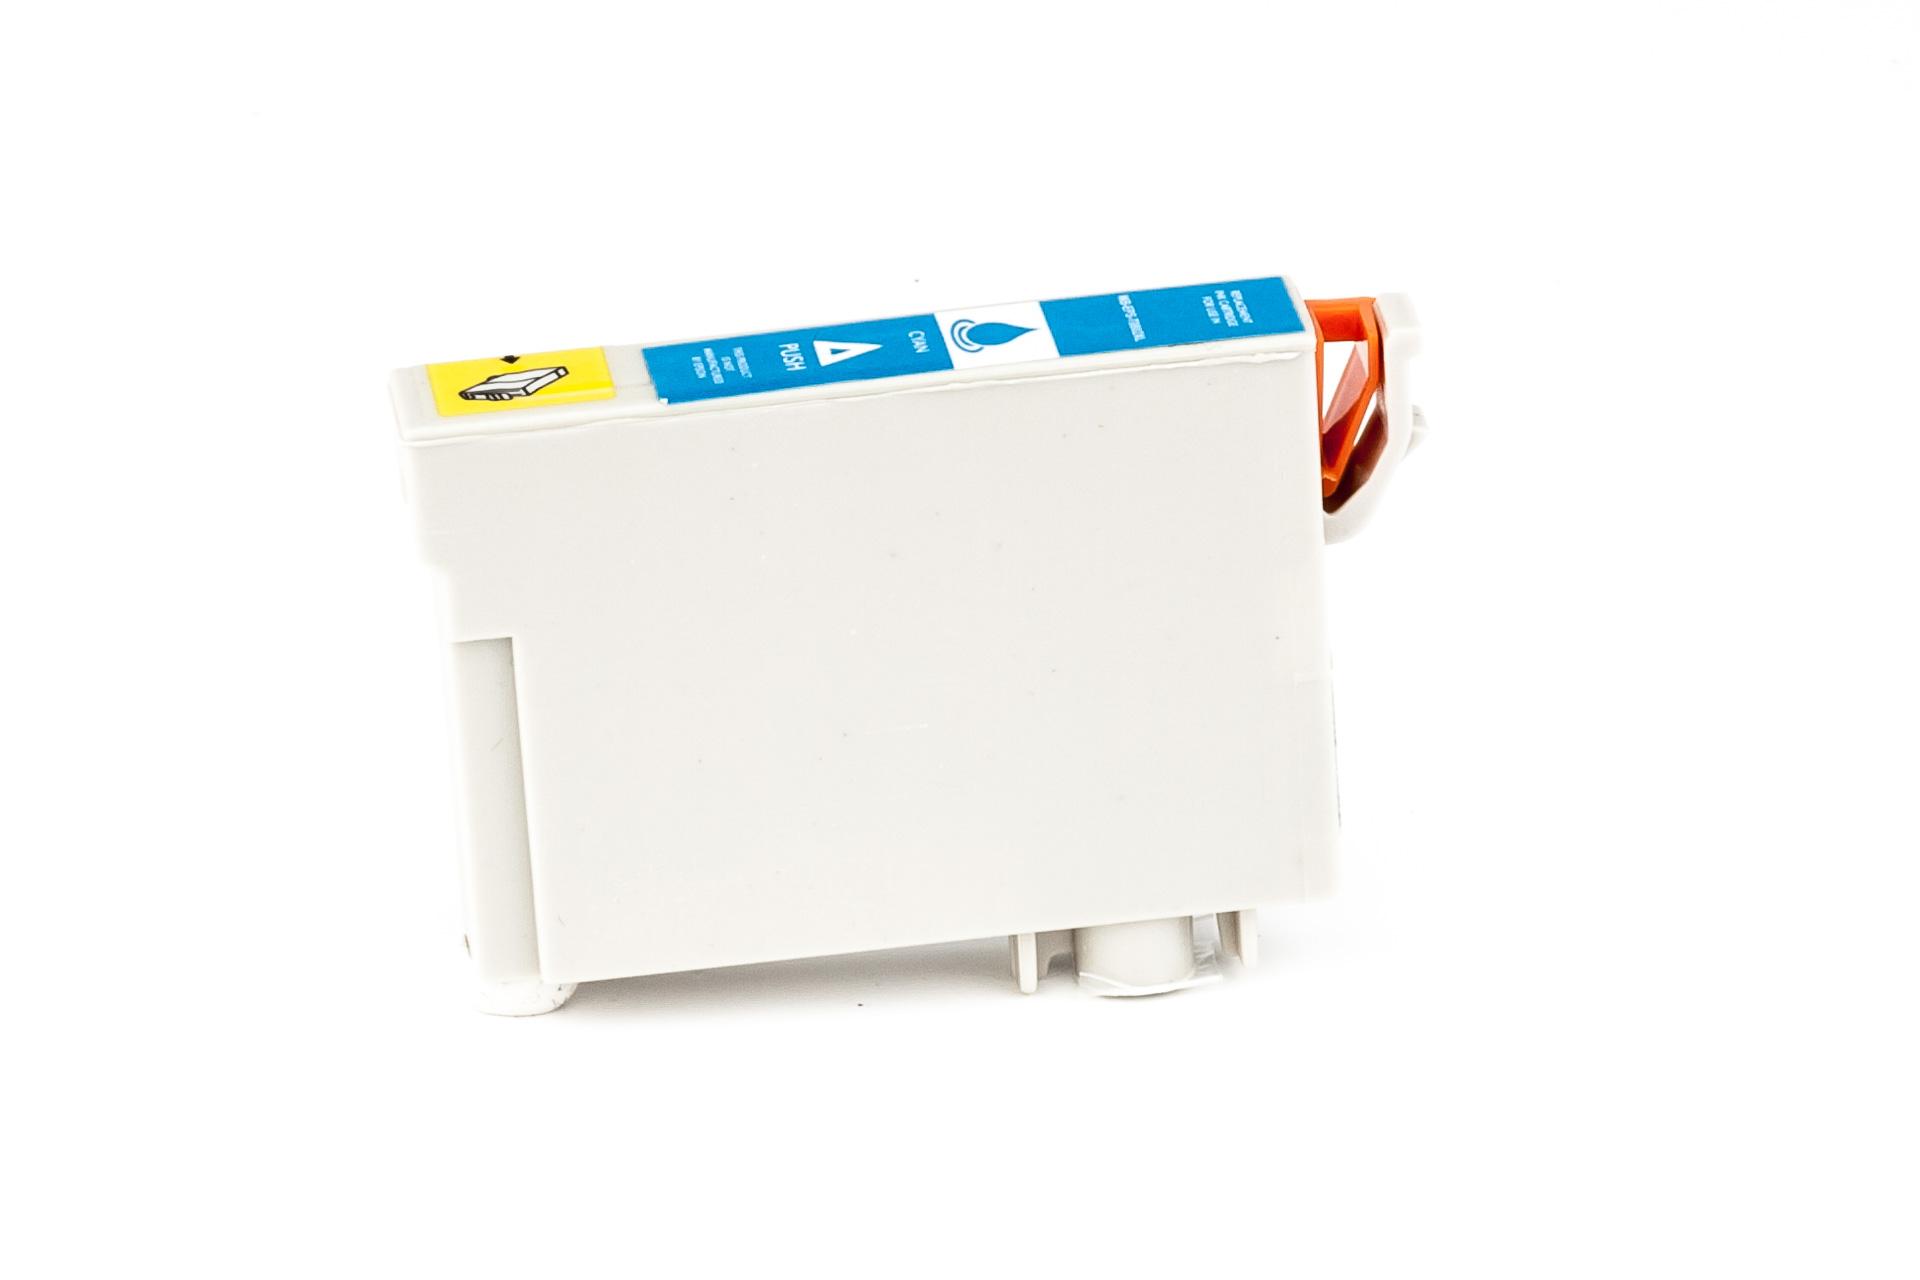 ASC-Premium-Tintenpatrone für Epson Stylus Photo RX 595 cyan XL-Version Stylus Photo RX 595 StylusPhotoRX595